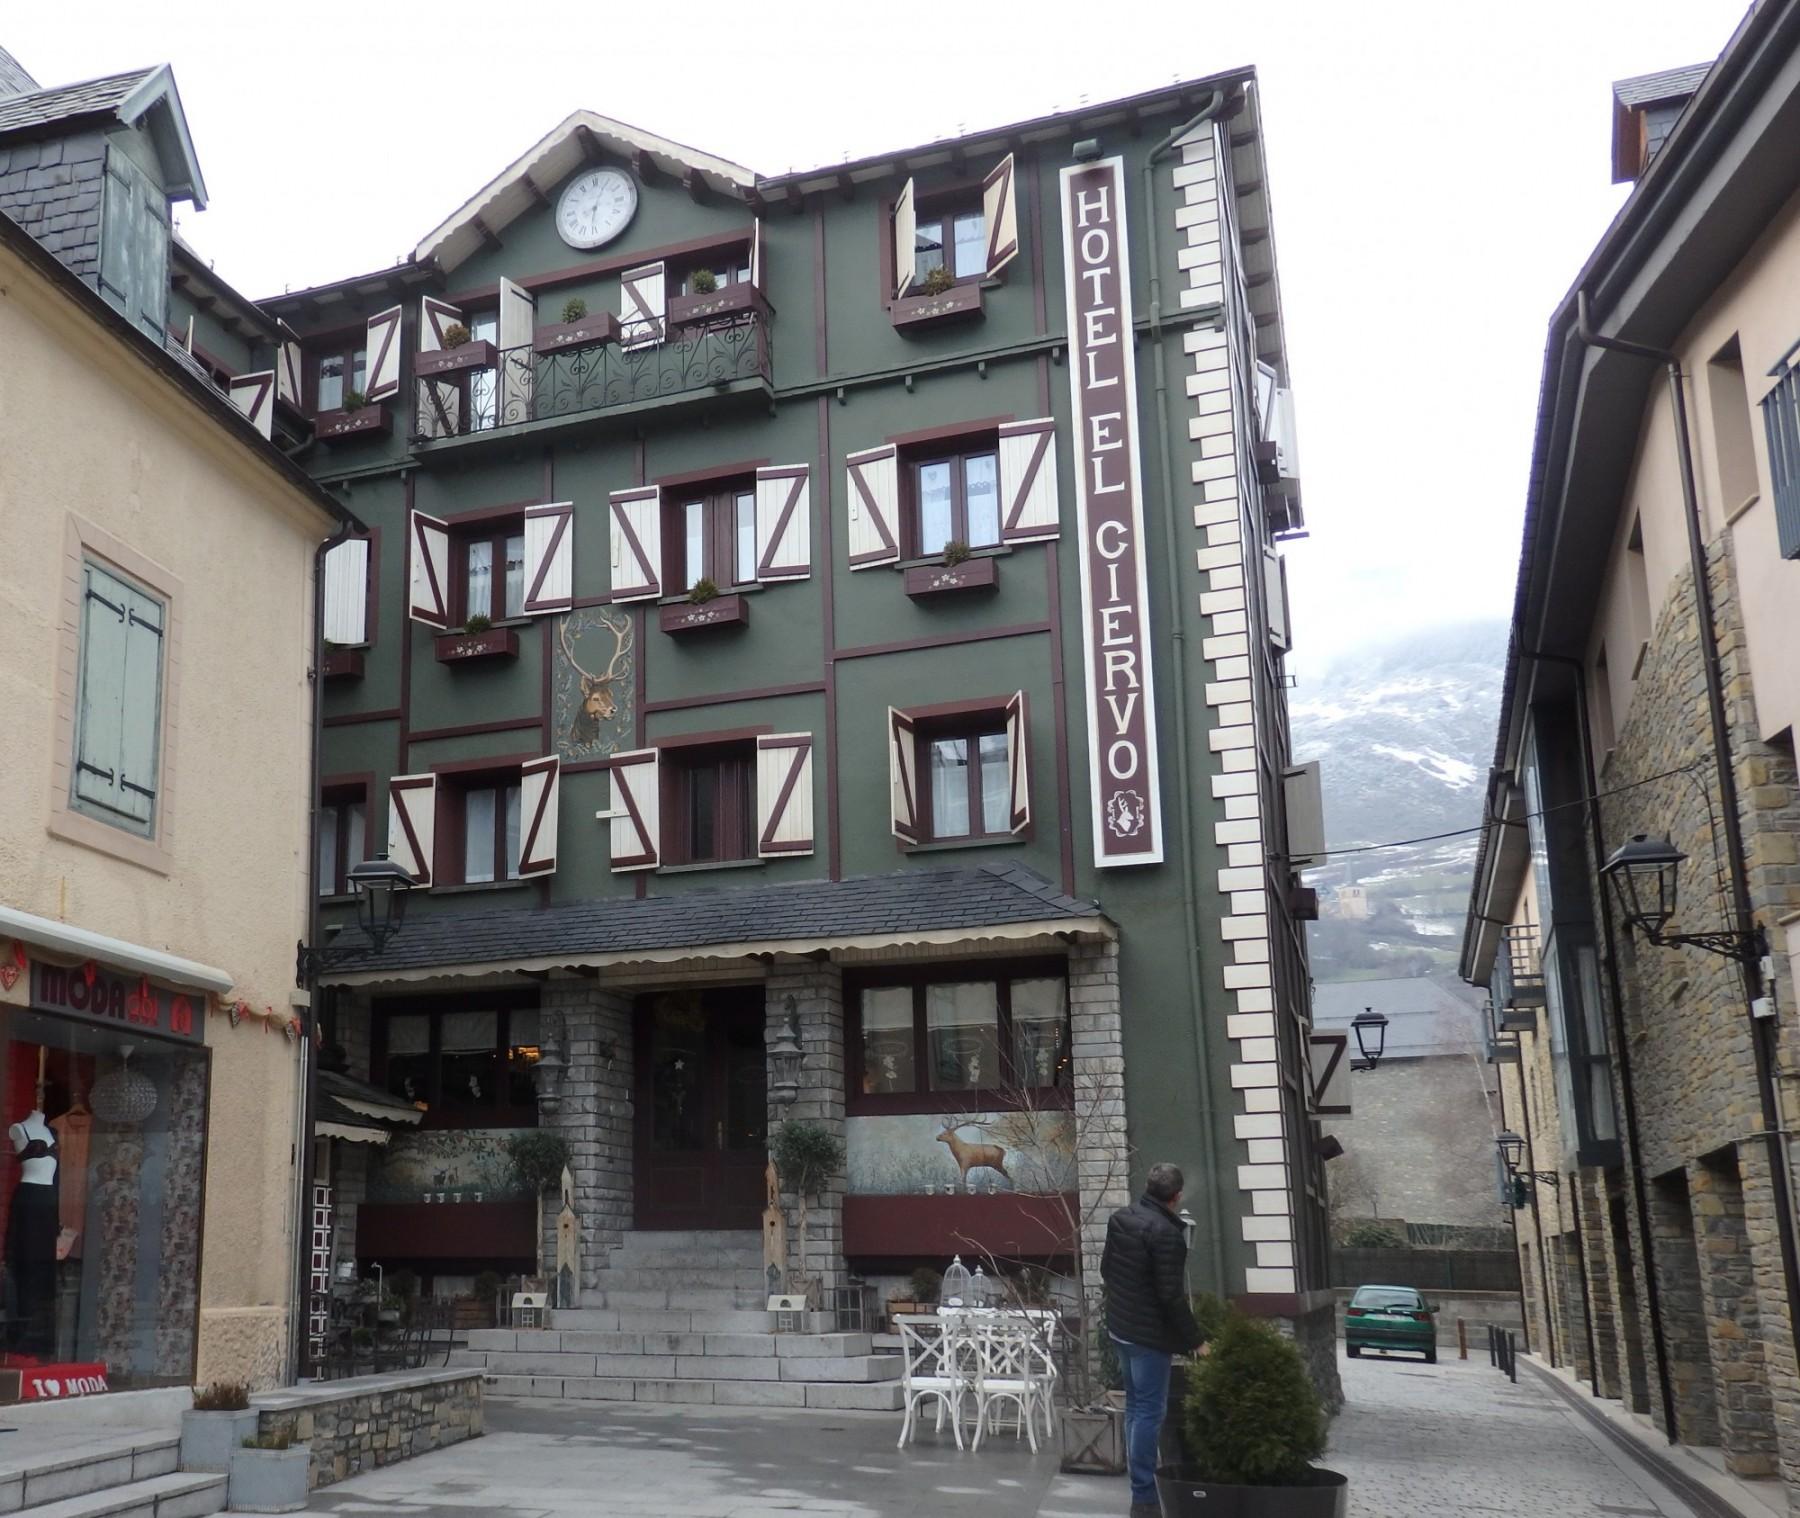 the front of Hotel El Ciervo